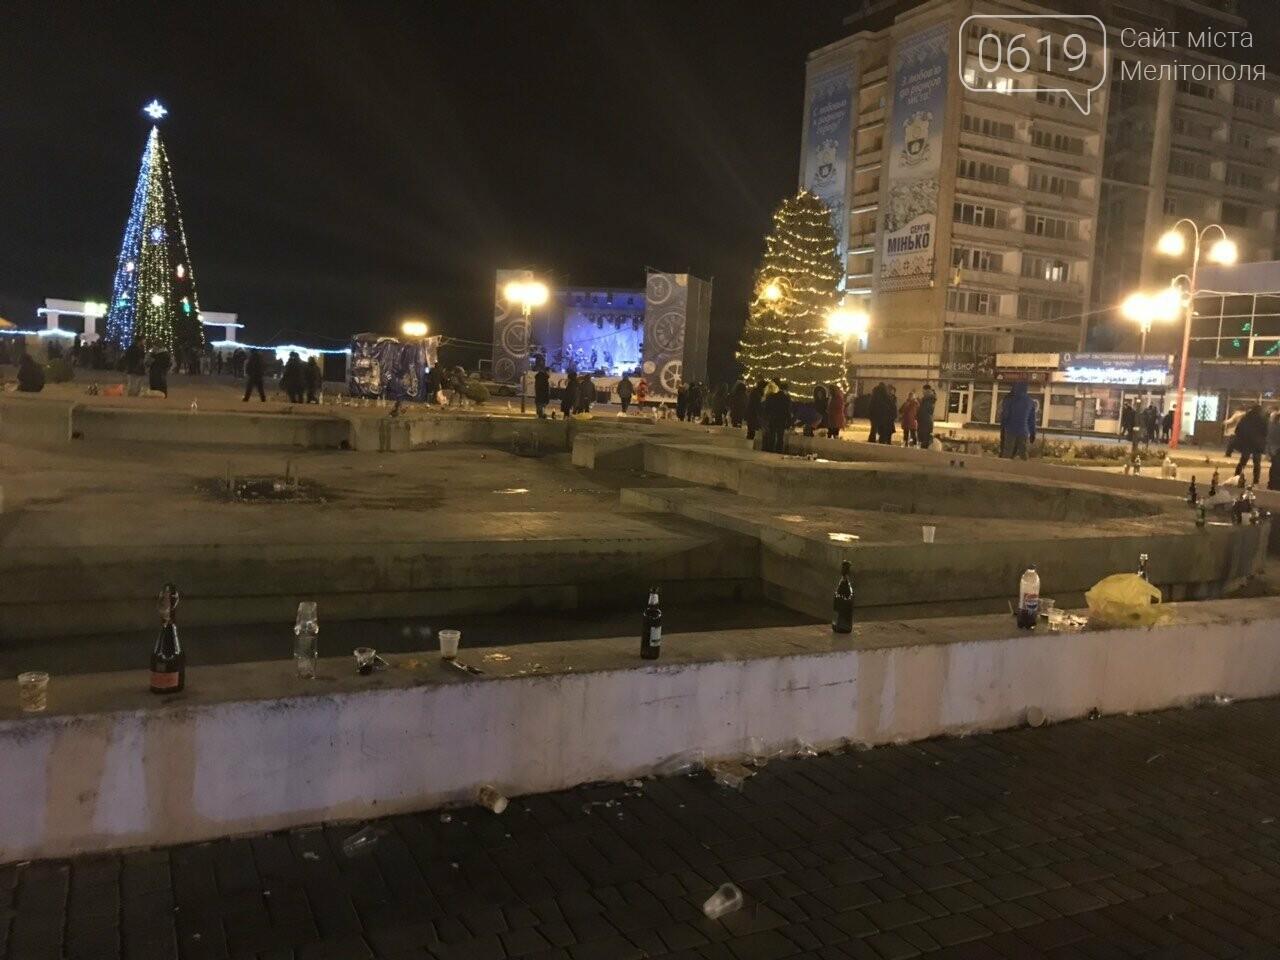 В новогоднюю ночь мелитопольцы превратили площадь в свалку, фото-6, Фото сайта 0619